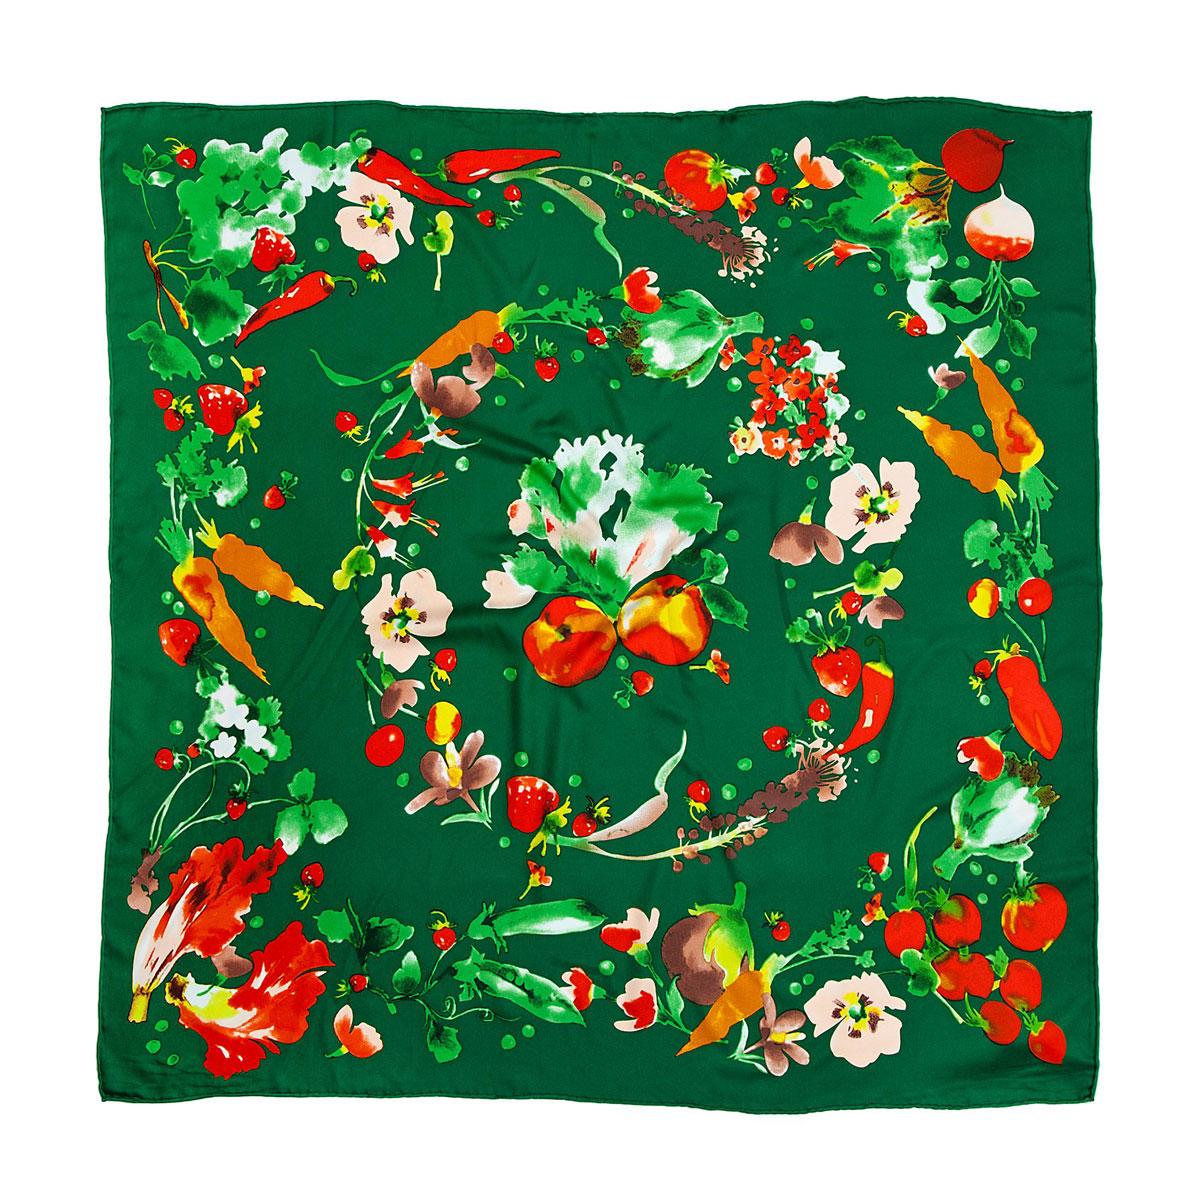 Платок женский Модные истории, цвет: зеленый, оранжевый. 23/0245/243. Размер 90 см x 90 см23/0245/243Яркий и стильный платок Модные истории станет великолепным завершением любого наряда. Платок изготовлен из высококачественного полиэстера. Он оформлен красочным принтом в виде овощей, ягод и цветов. Классическая квадратная форма позволяет носить его на шее, украшать прическу или декорировать сумочку. Мягкий и шелковистый платок поможет вам создать оригинальный женственный образ.Такой платок превосходно дополнит любой наряд и подчеркнет ваш неповторимый вкус и элегантность.